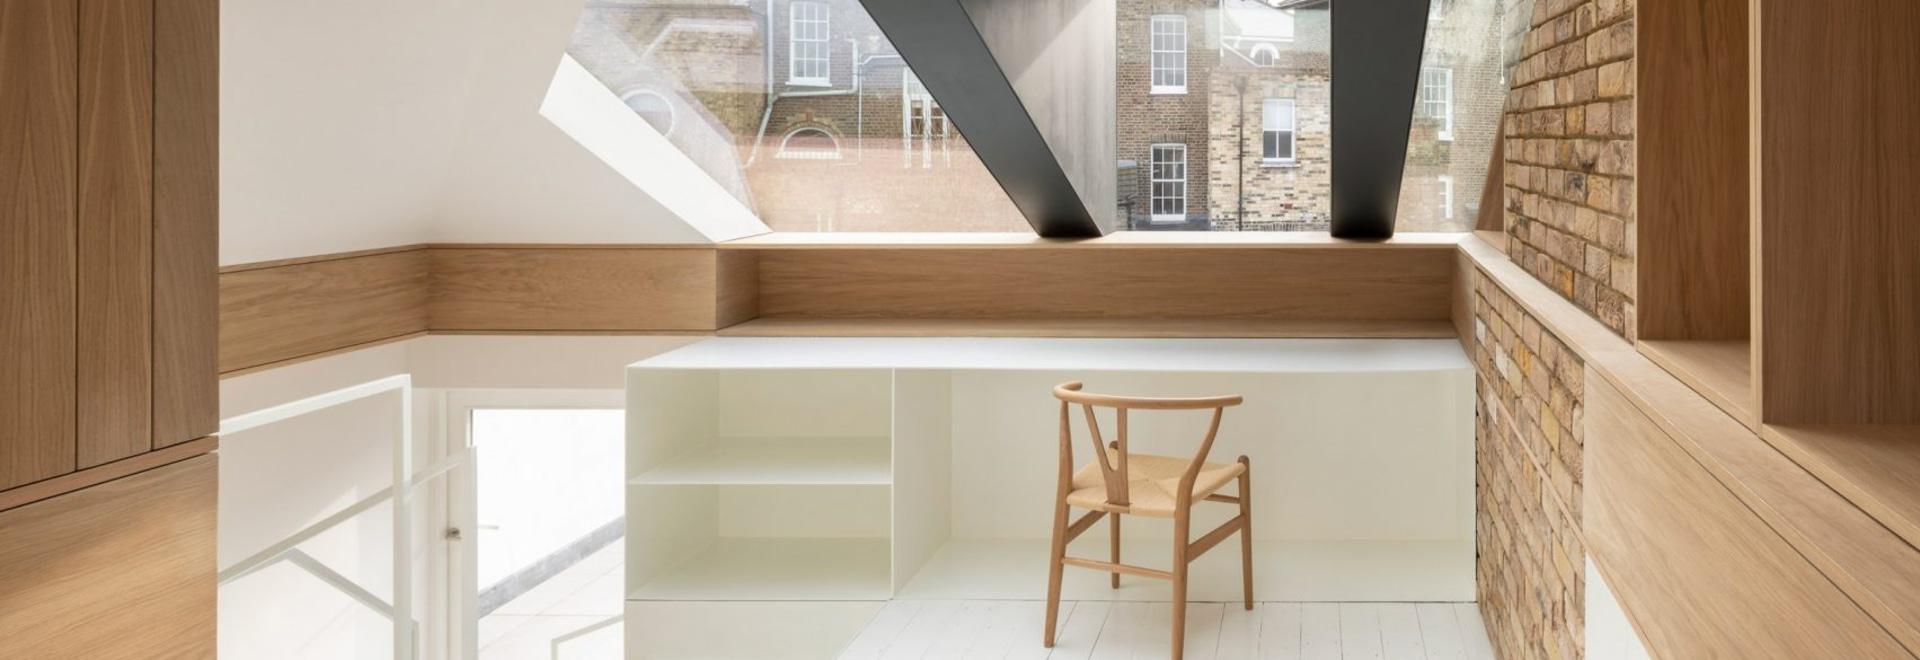 Con Form Architects abre el loft con una buhardilla de cristal y acero